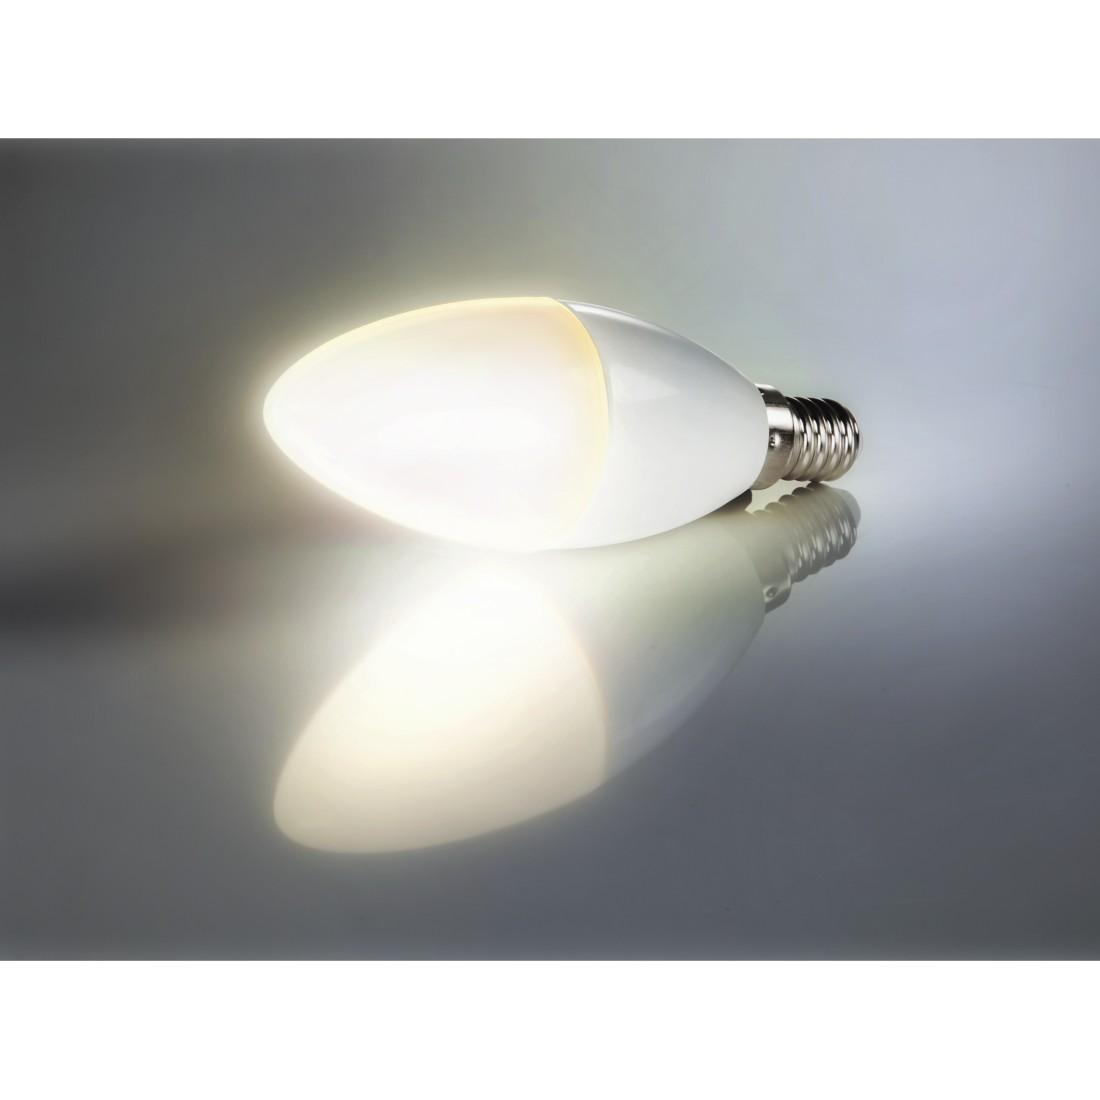 Xavax 00112174 xavax led lampe e14 470lm ersetzt 40w abx4 druckfhige abbildung 4 xavax led lampe e14 470lm ersetzt 40w parisarafo Choice Image